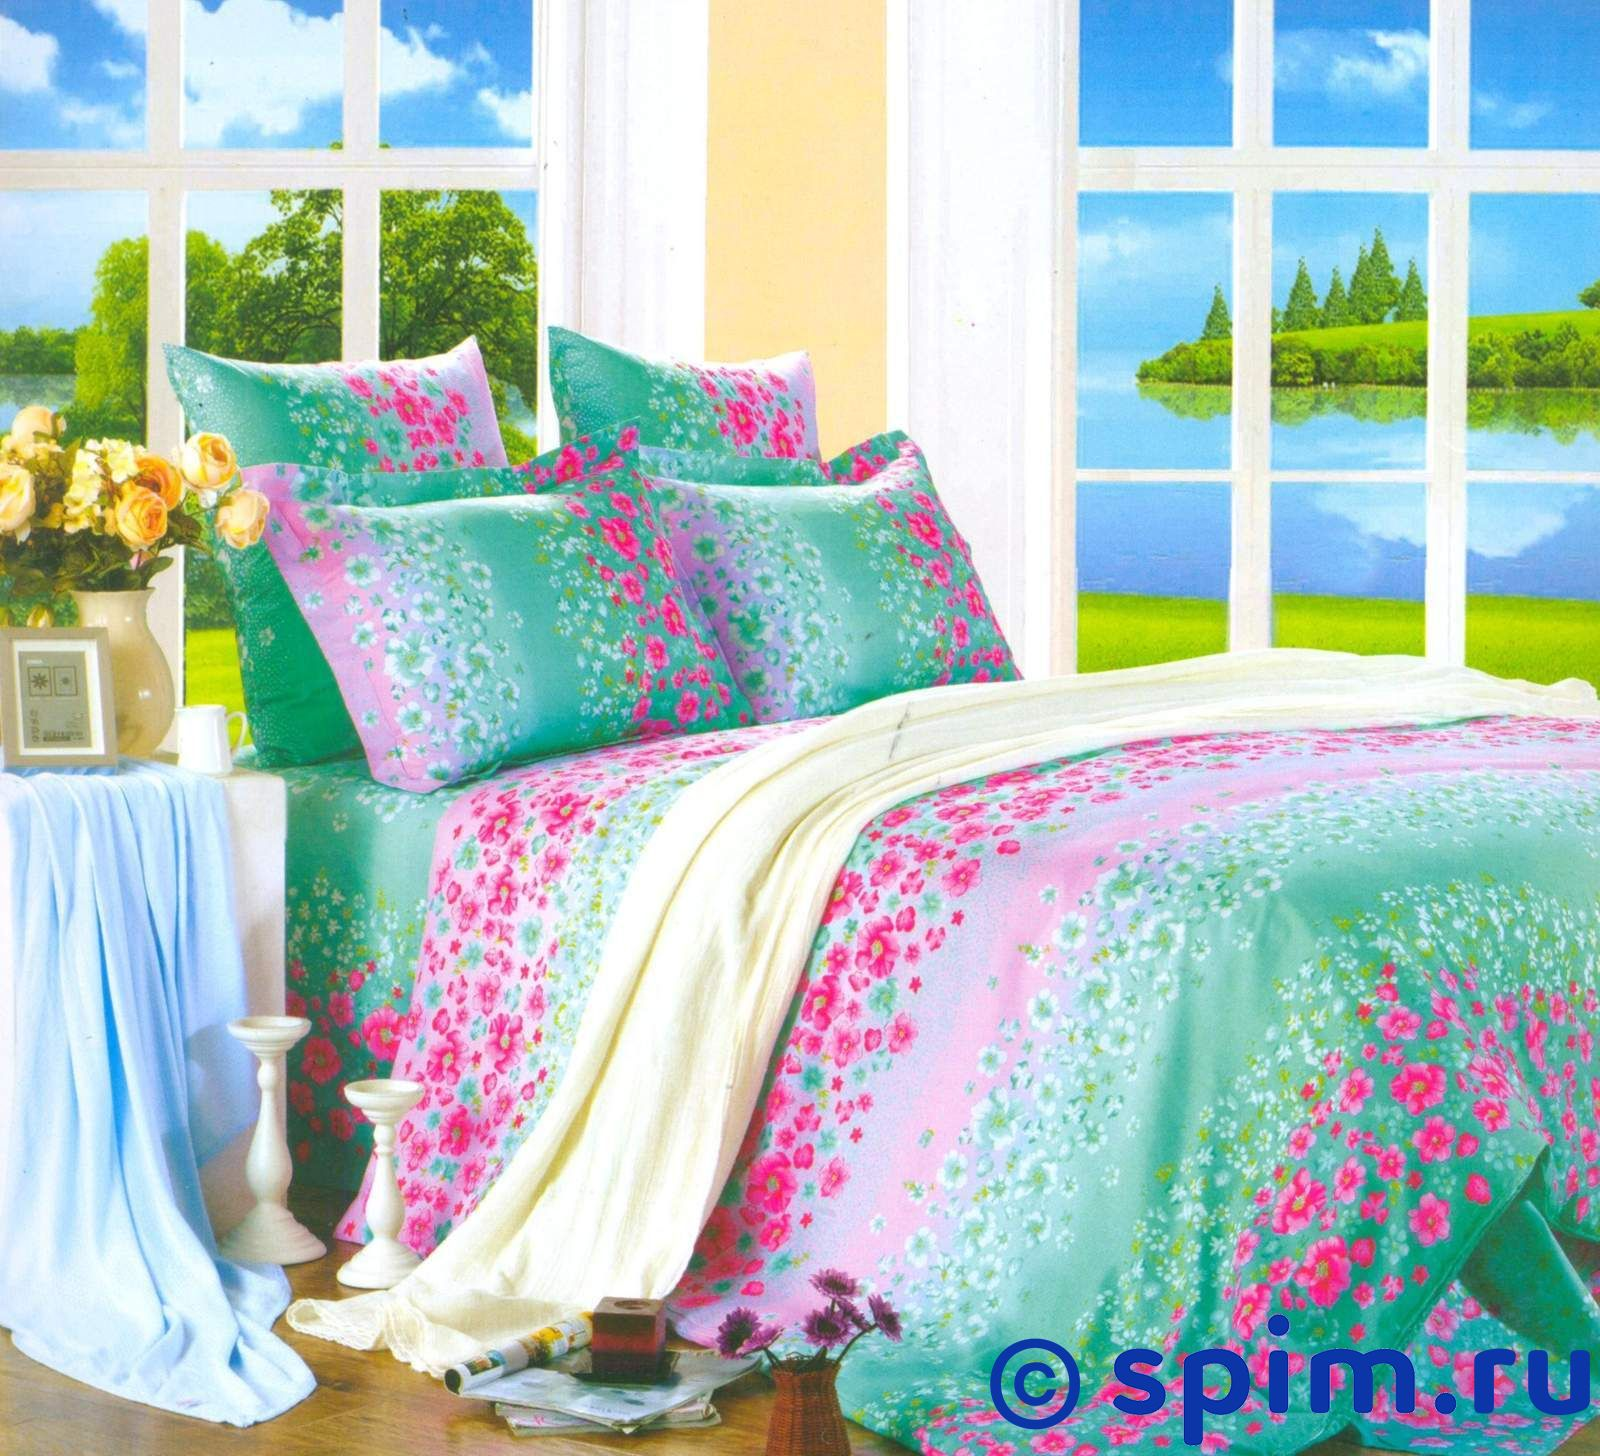 Постельное белье СайлиД А153 1.5 спальное